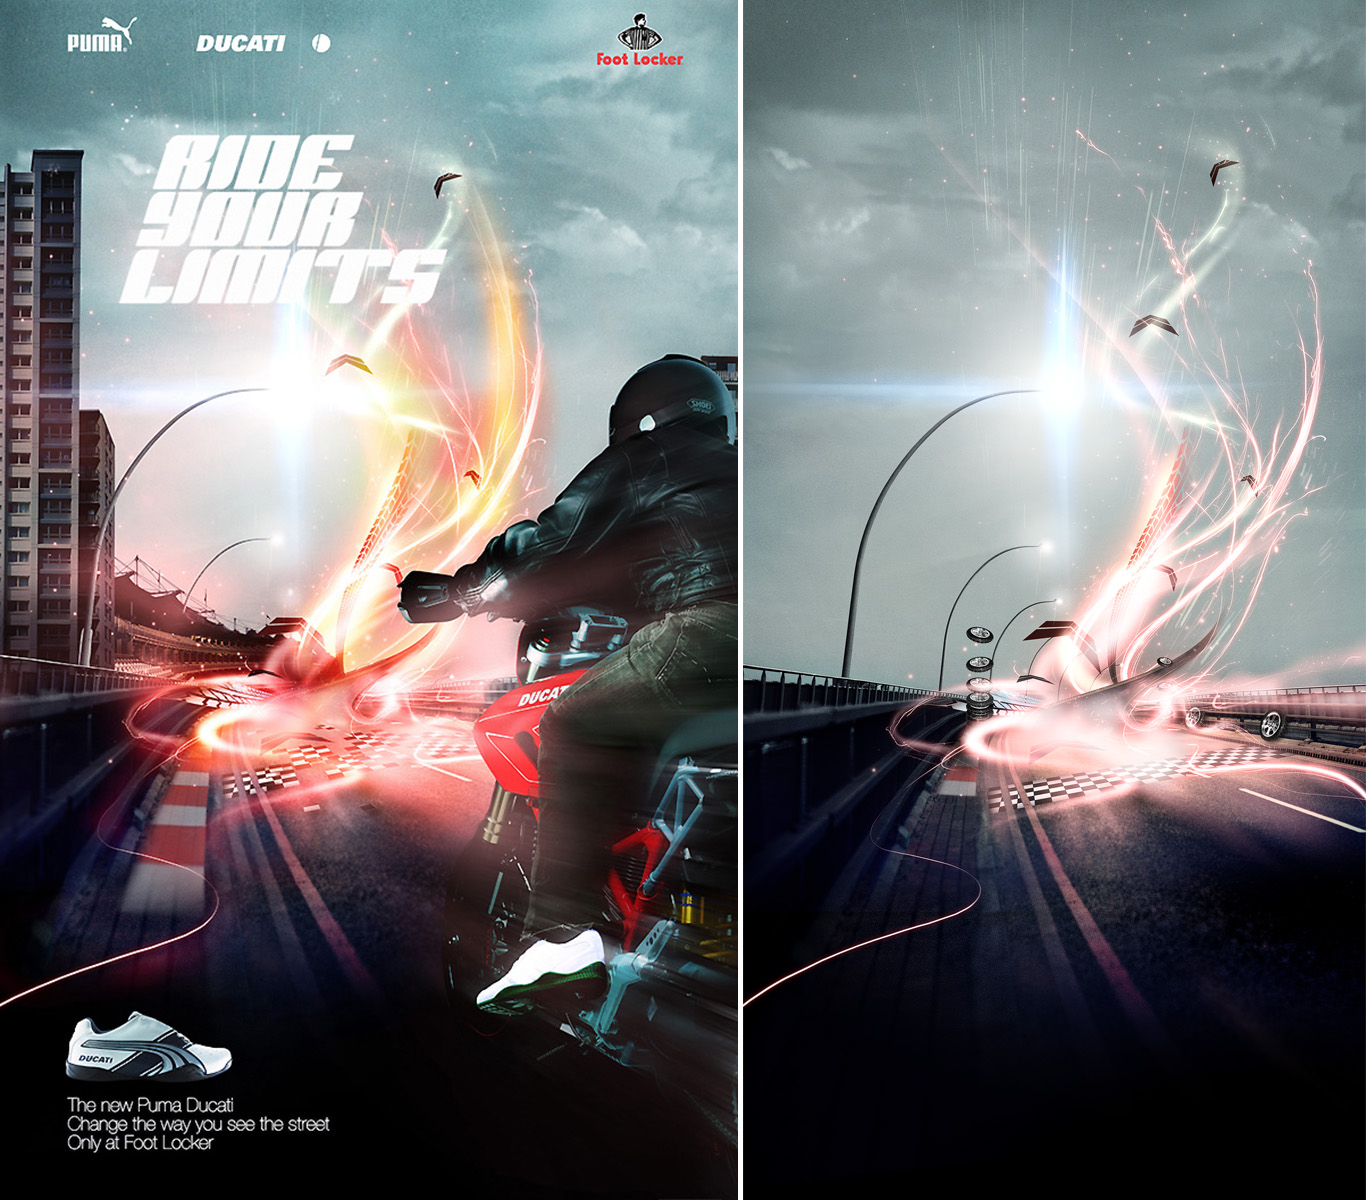 2008 / Puma x Ducati x Footlocker